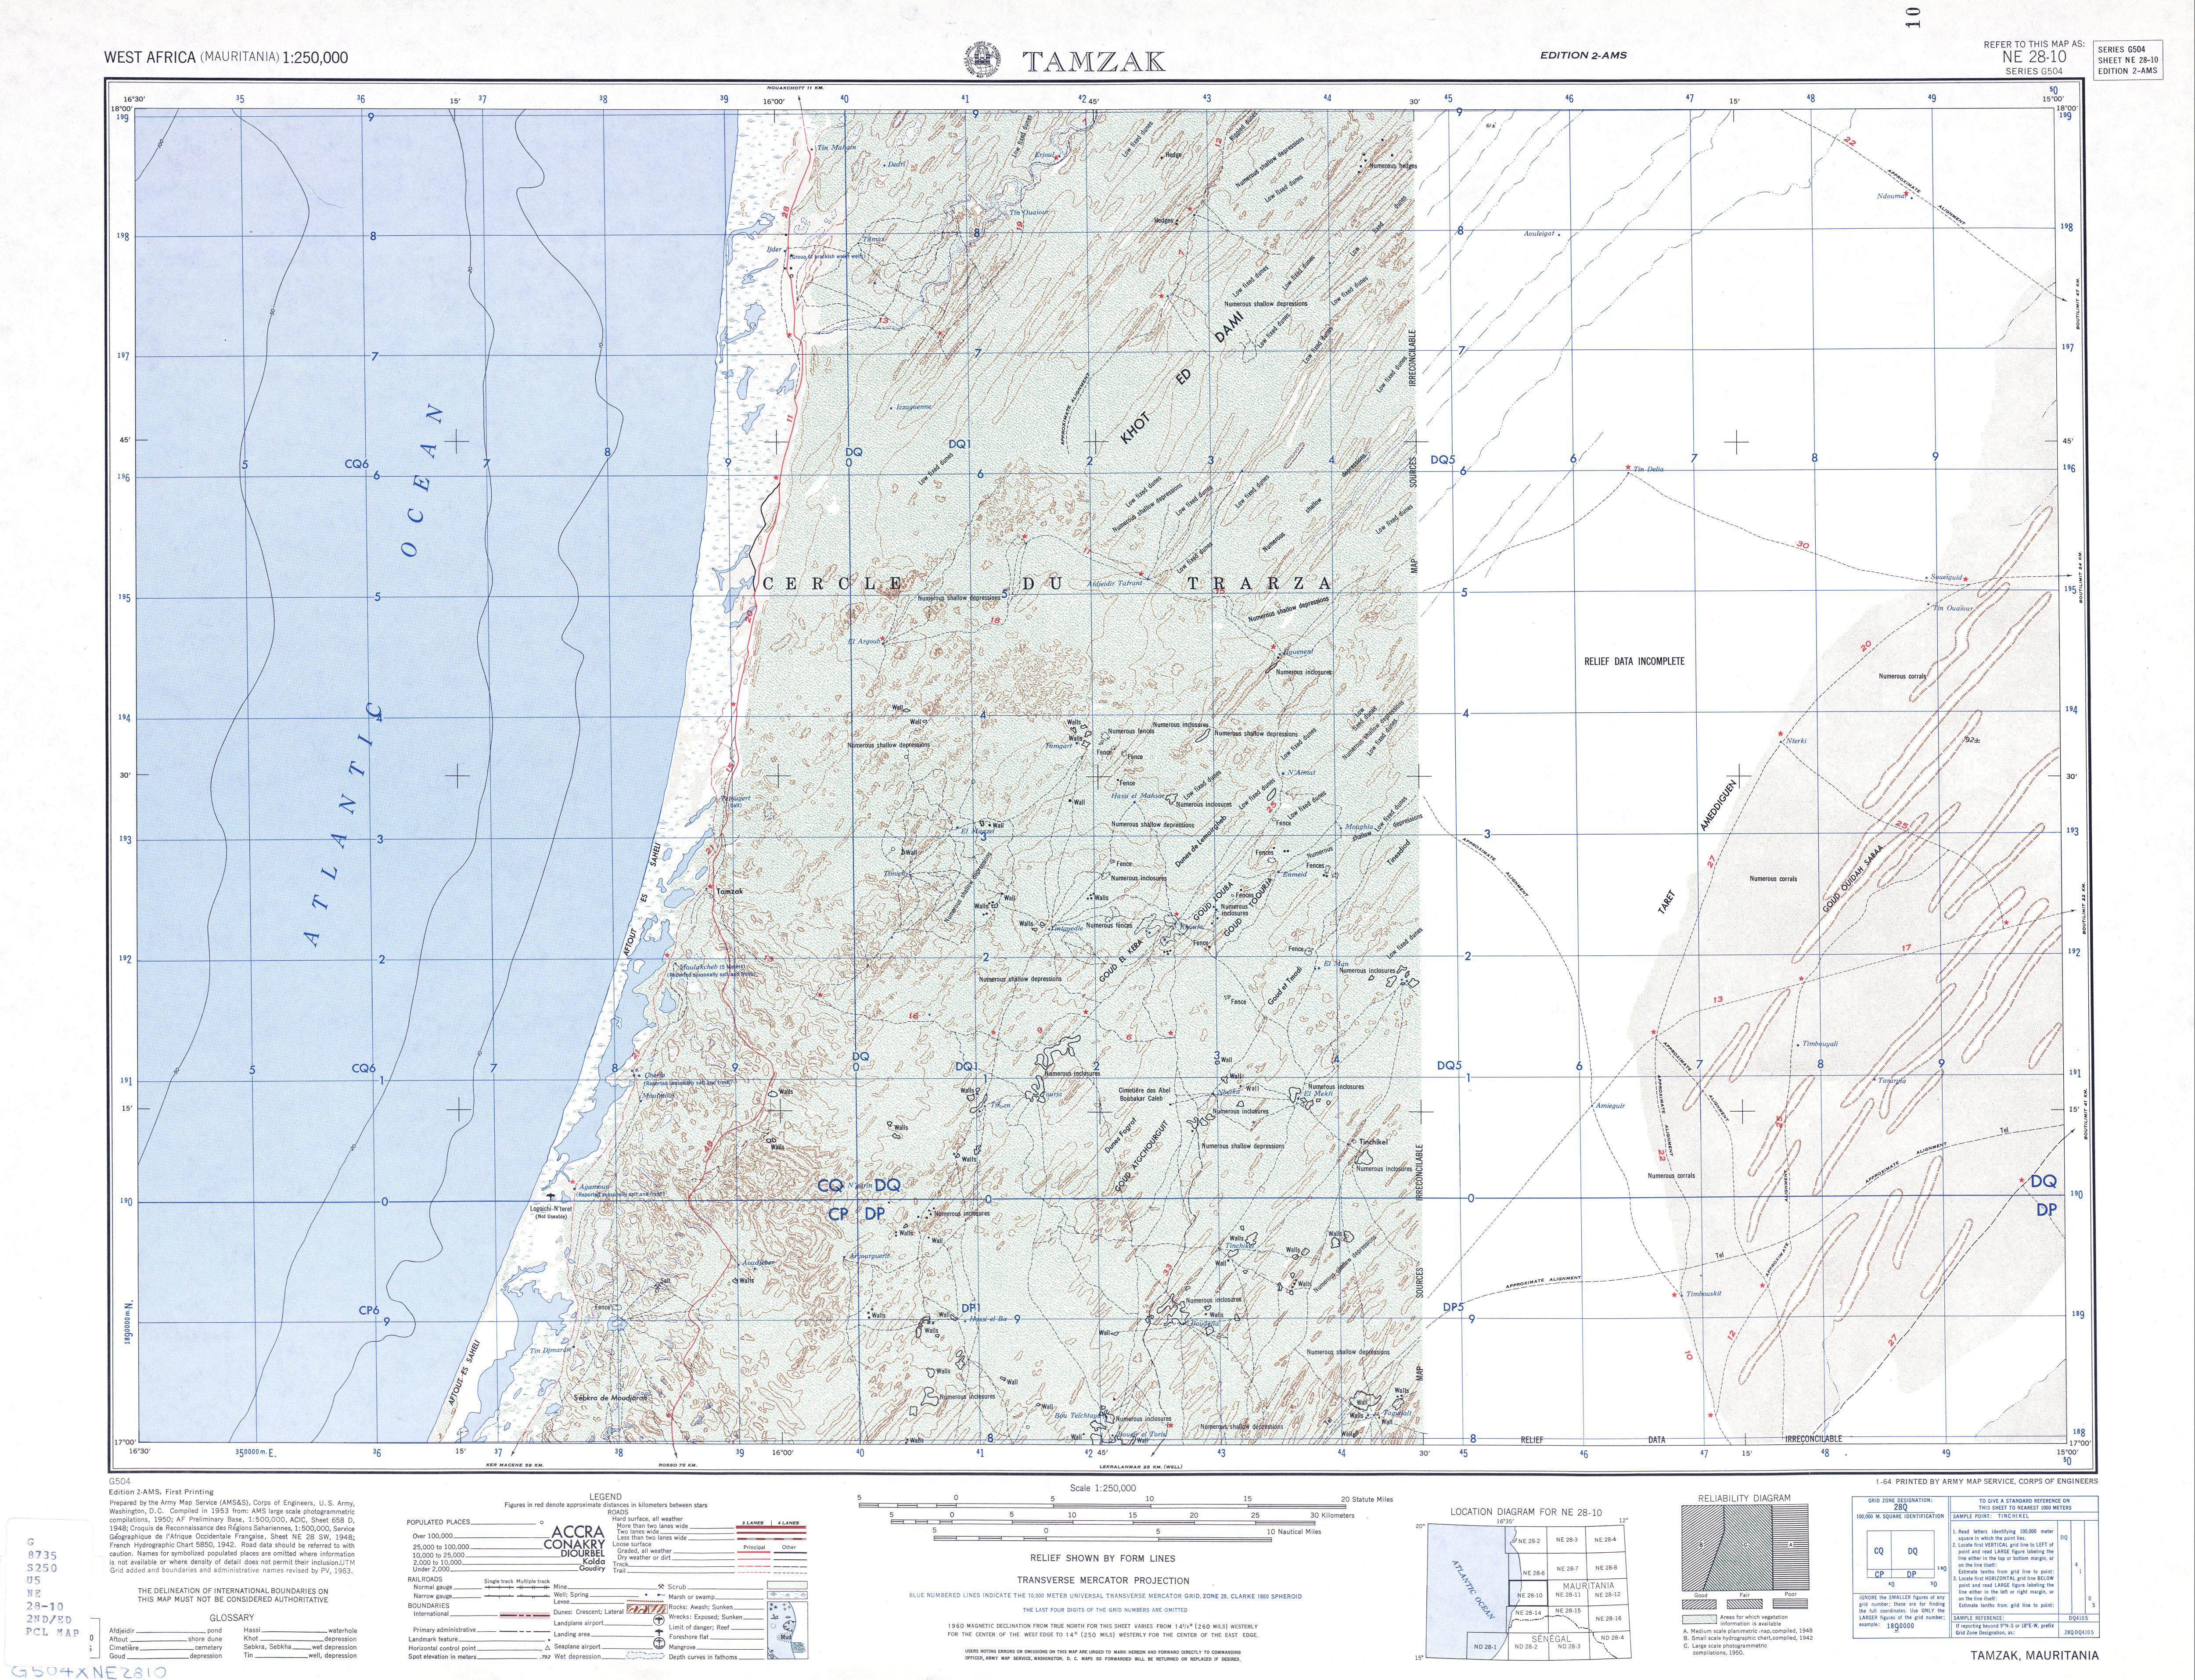 Hoja Tamzak del Mapa Topográfico de África Occidental 1955